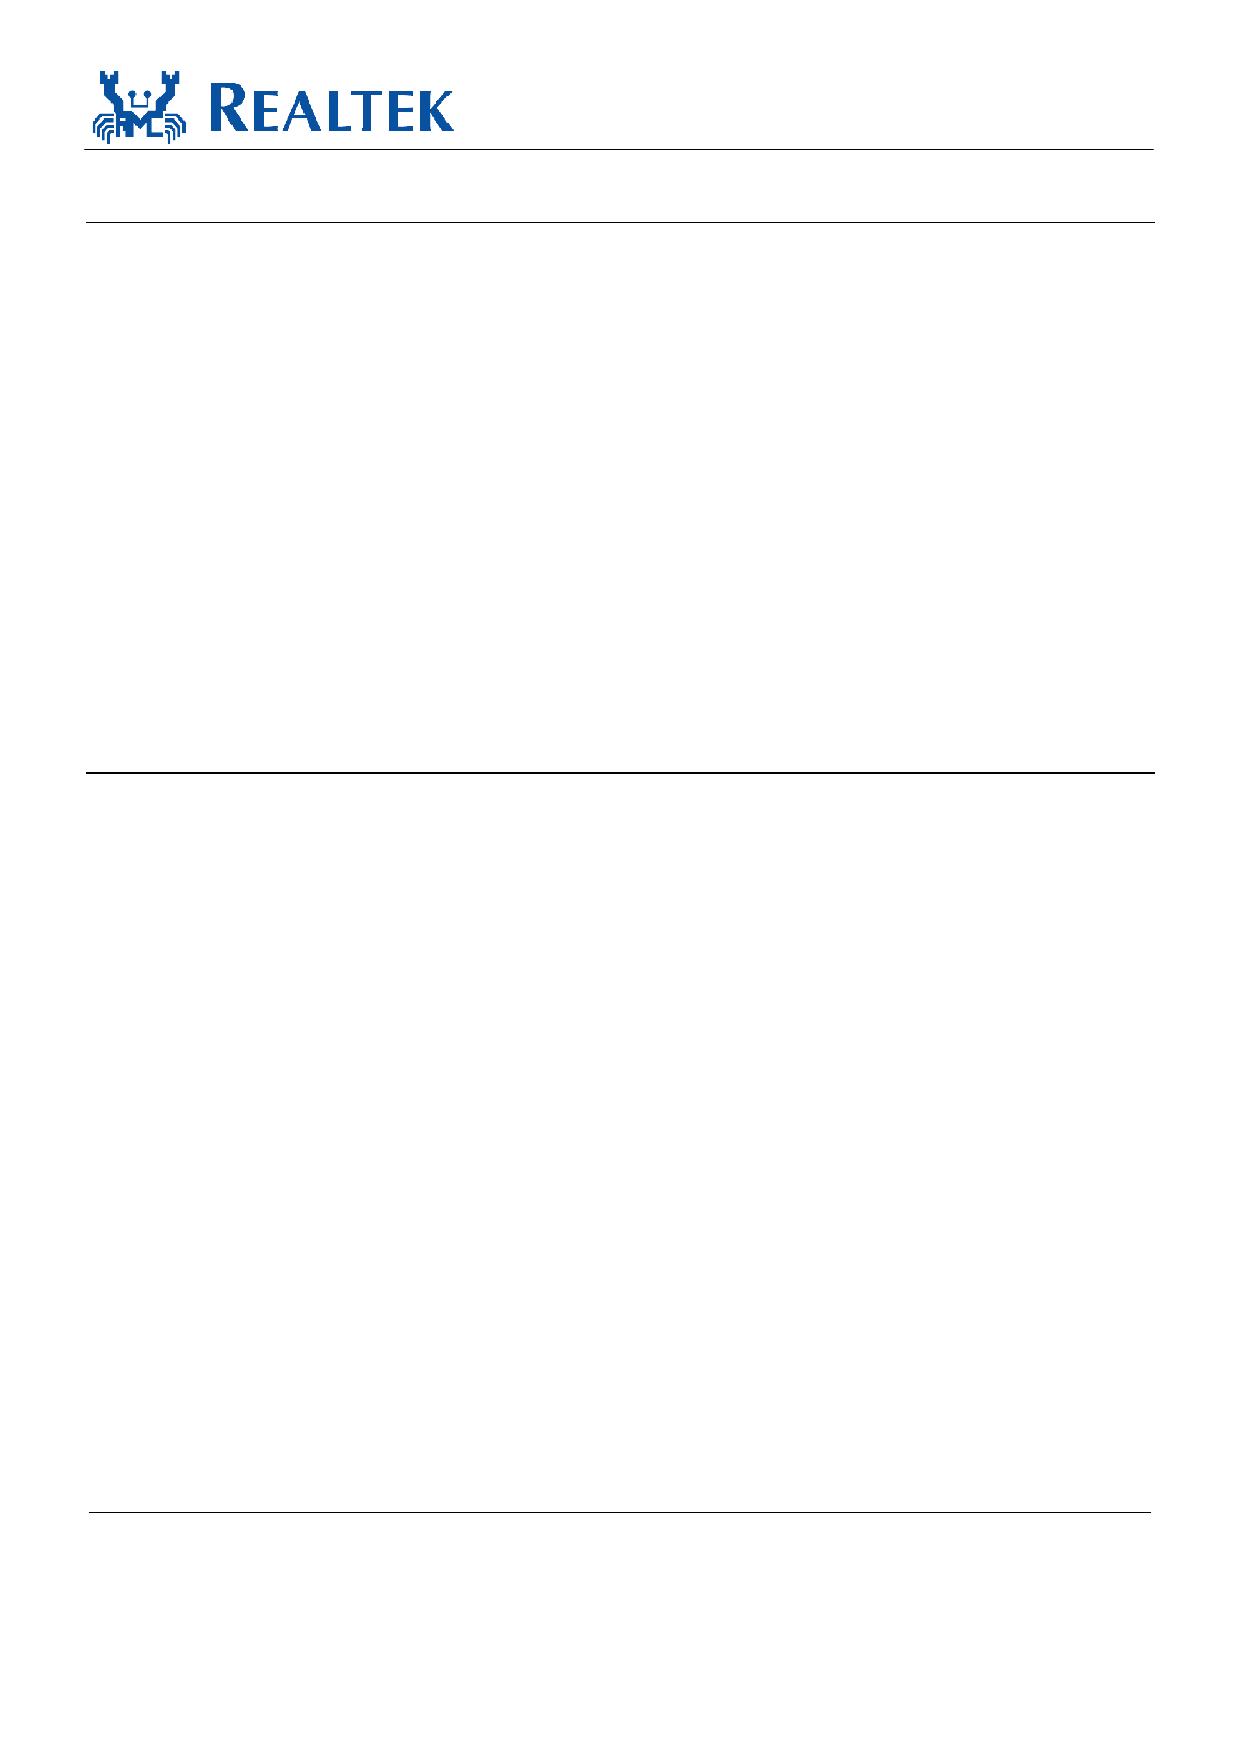 RTL8218B-CG Datasheet, Funktion